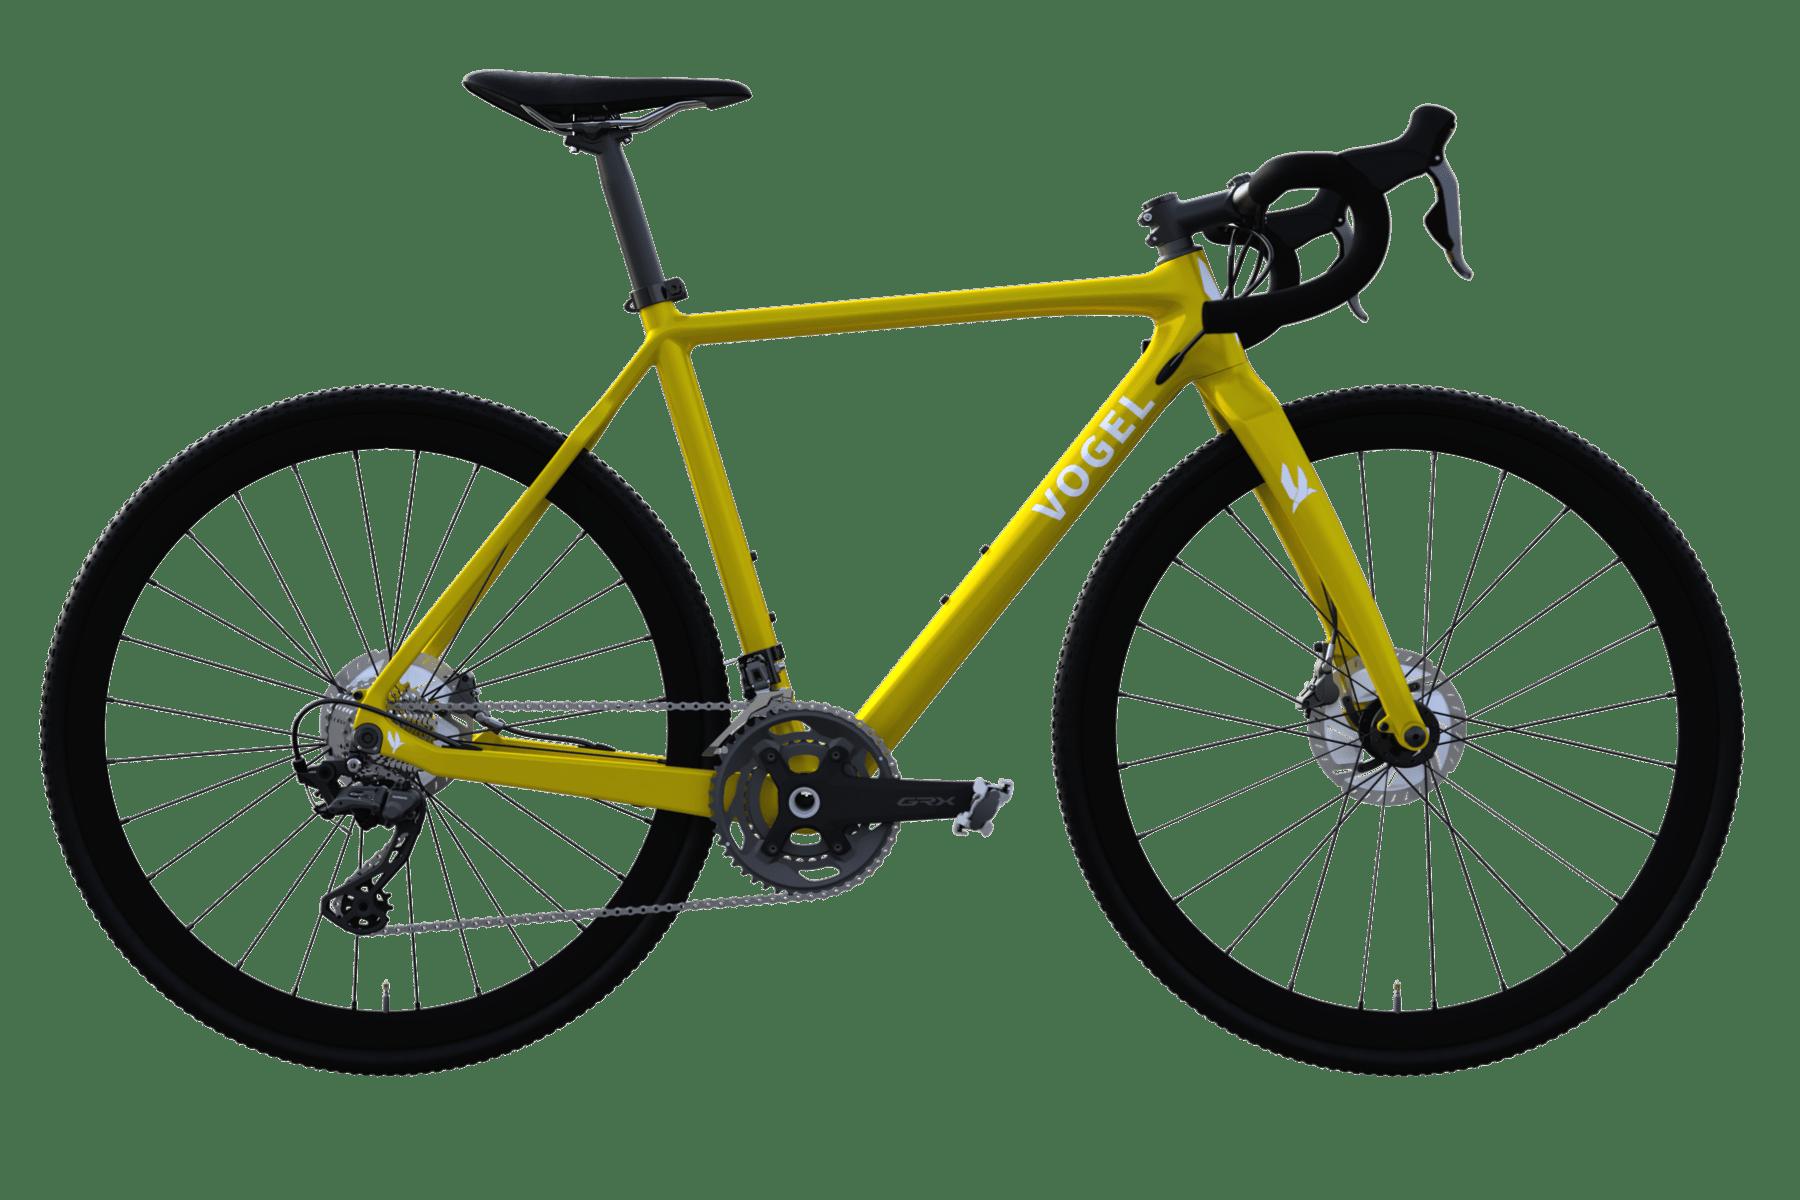 CX-002 yellow yellow